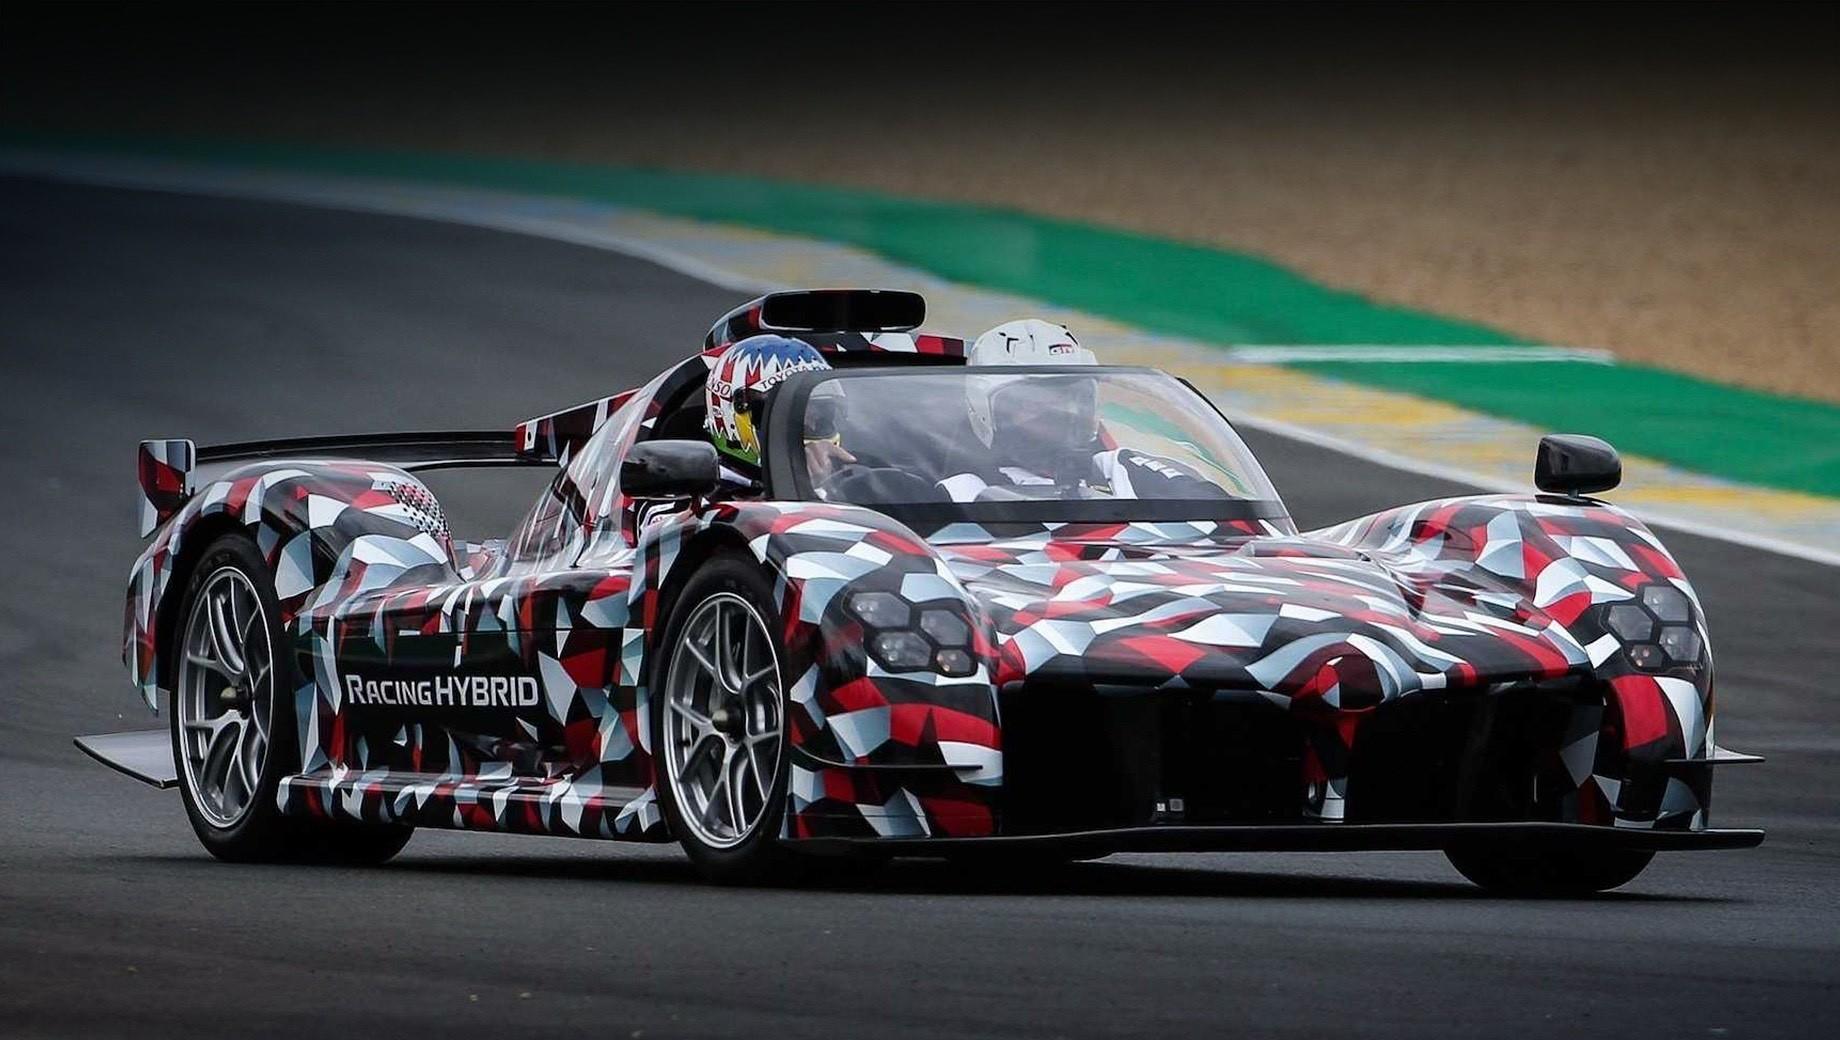 Toyota gr super sport. Автомобиль Toyota GR Super Sport будет существовать в двух ипостасях — дорожной и гоночной, предназначенной для соревнований в рамках нового класса Le Mans Hypercar. В нём примут участие Peugeot, Alpine и Scuderia Cameron Glickenhaus. К сожалению, Aston Martin из этой компании выпал.